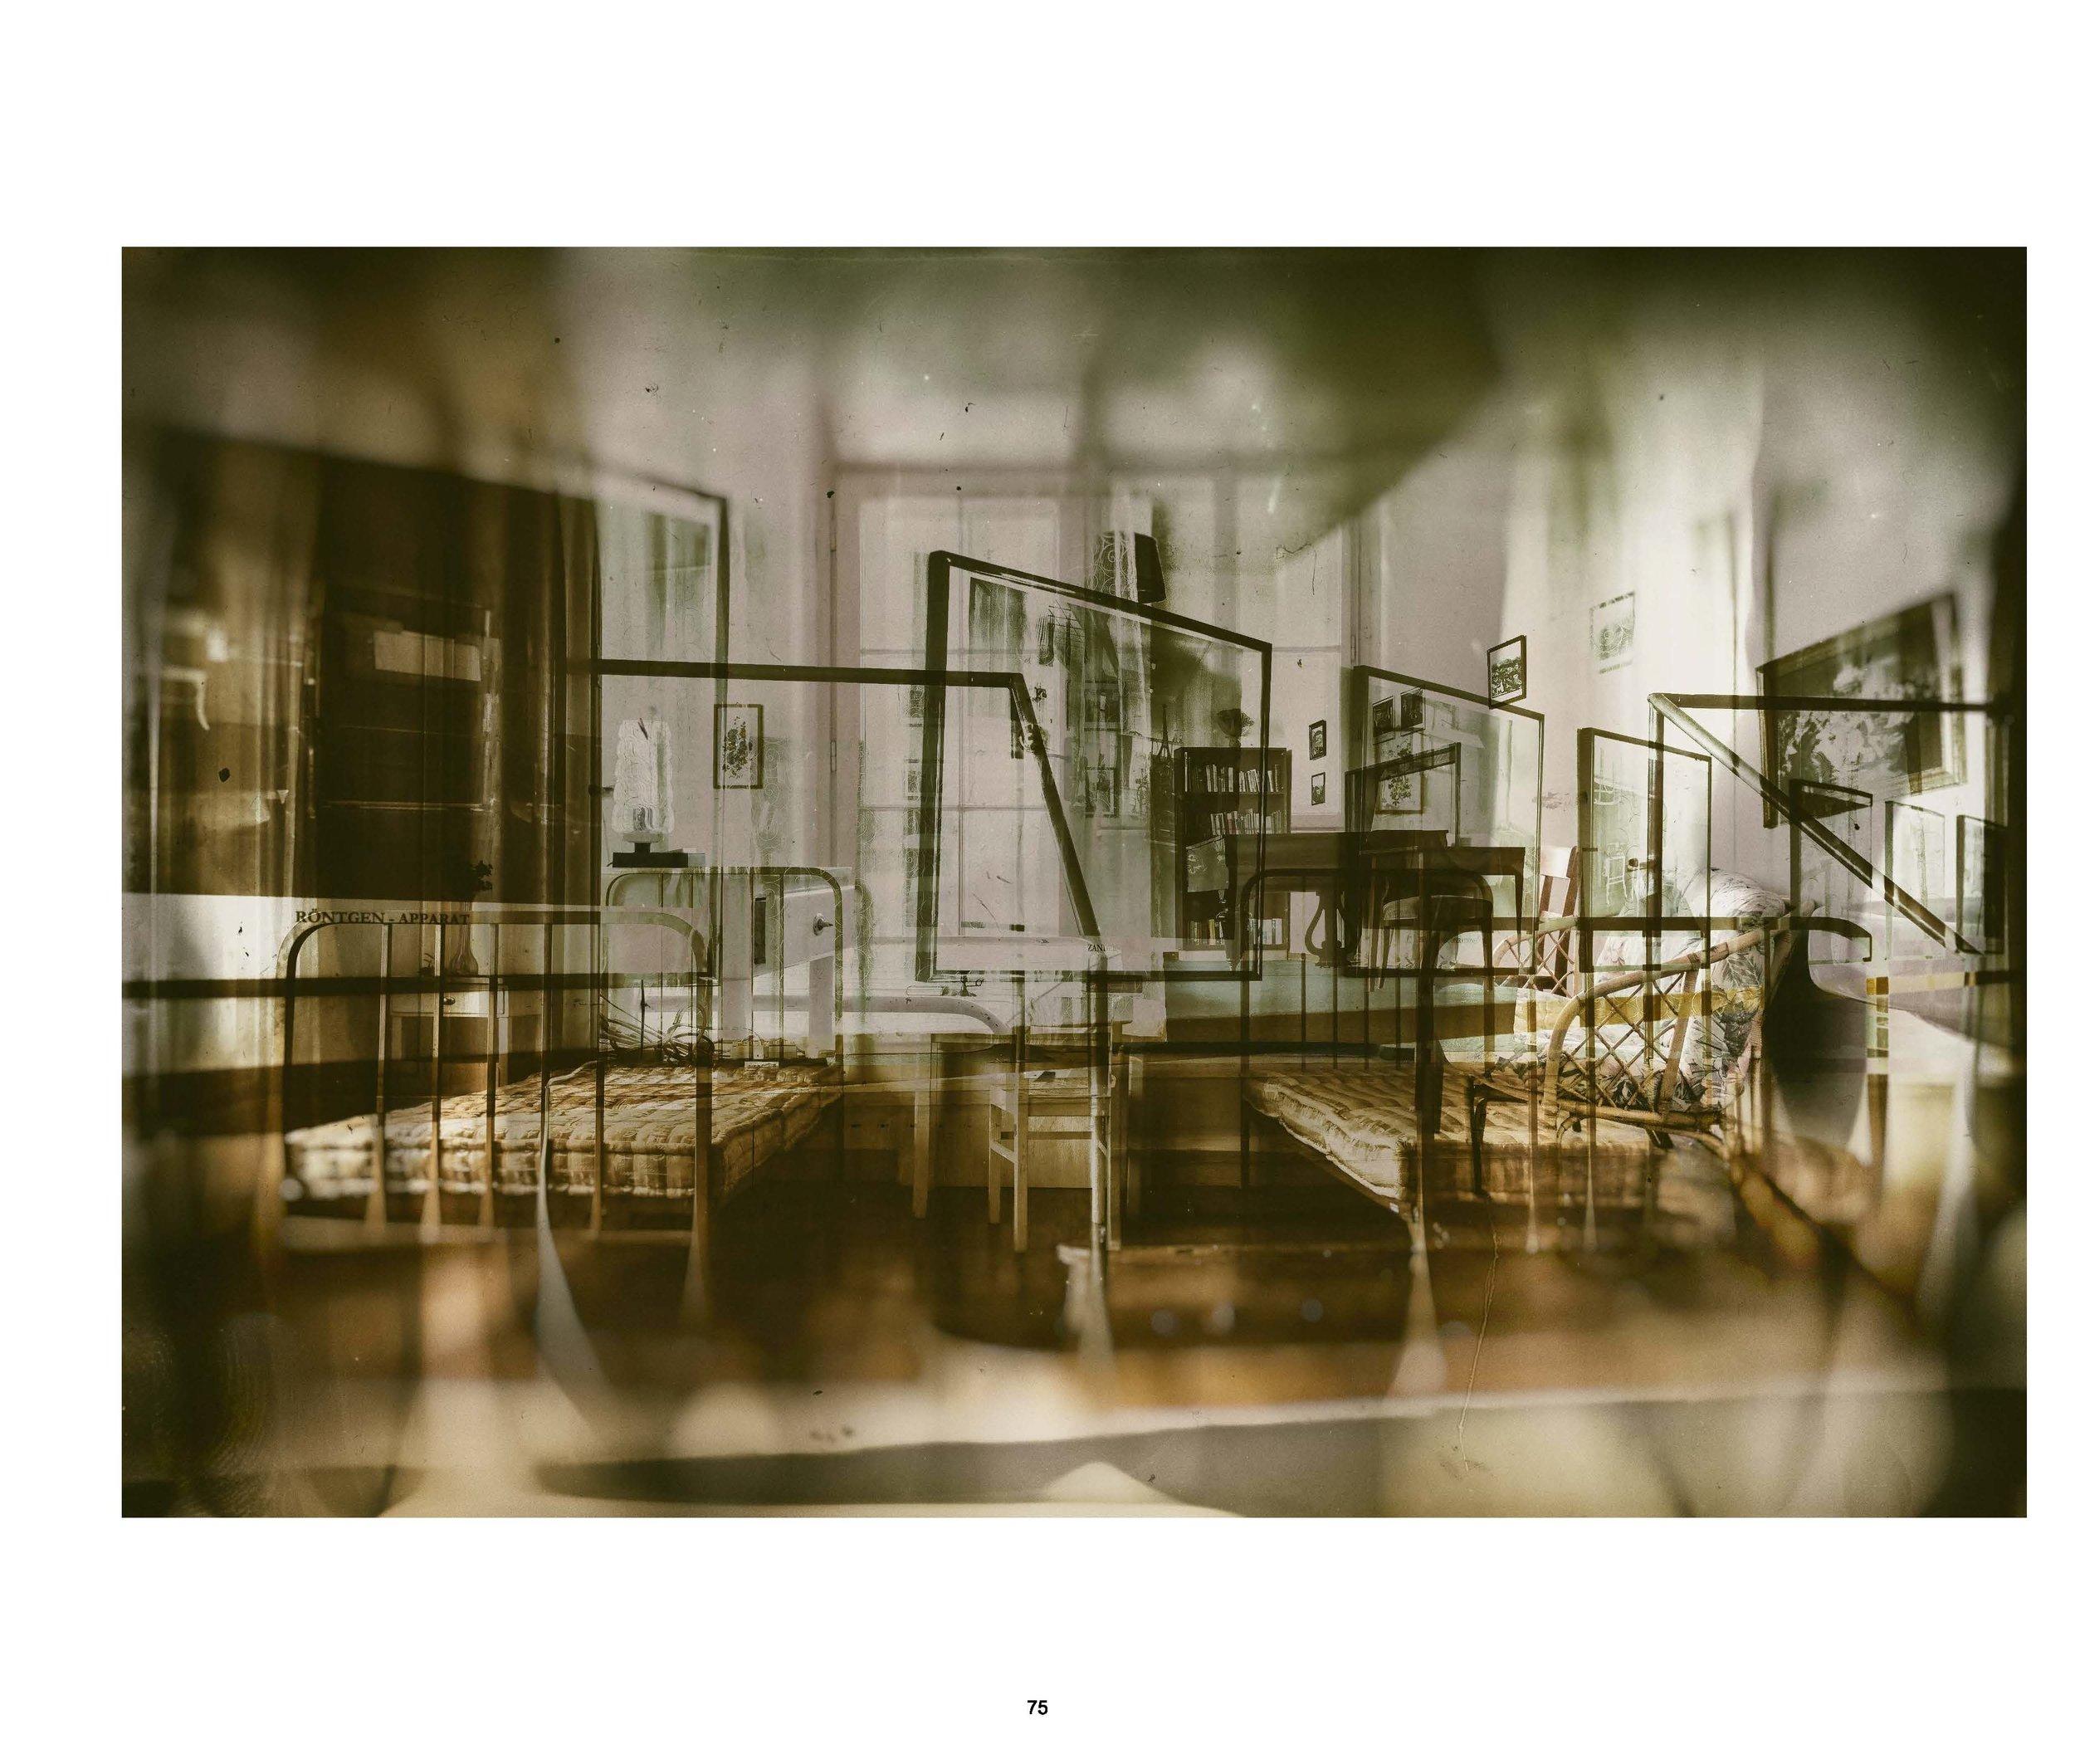 LostPlacesFotografie 4_Seite_78.jpg